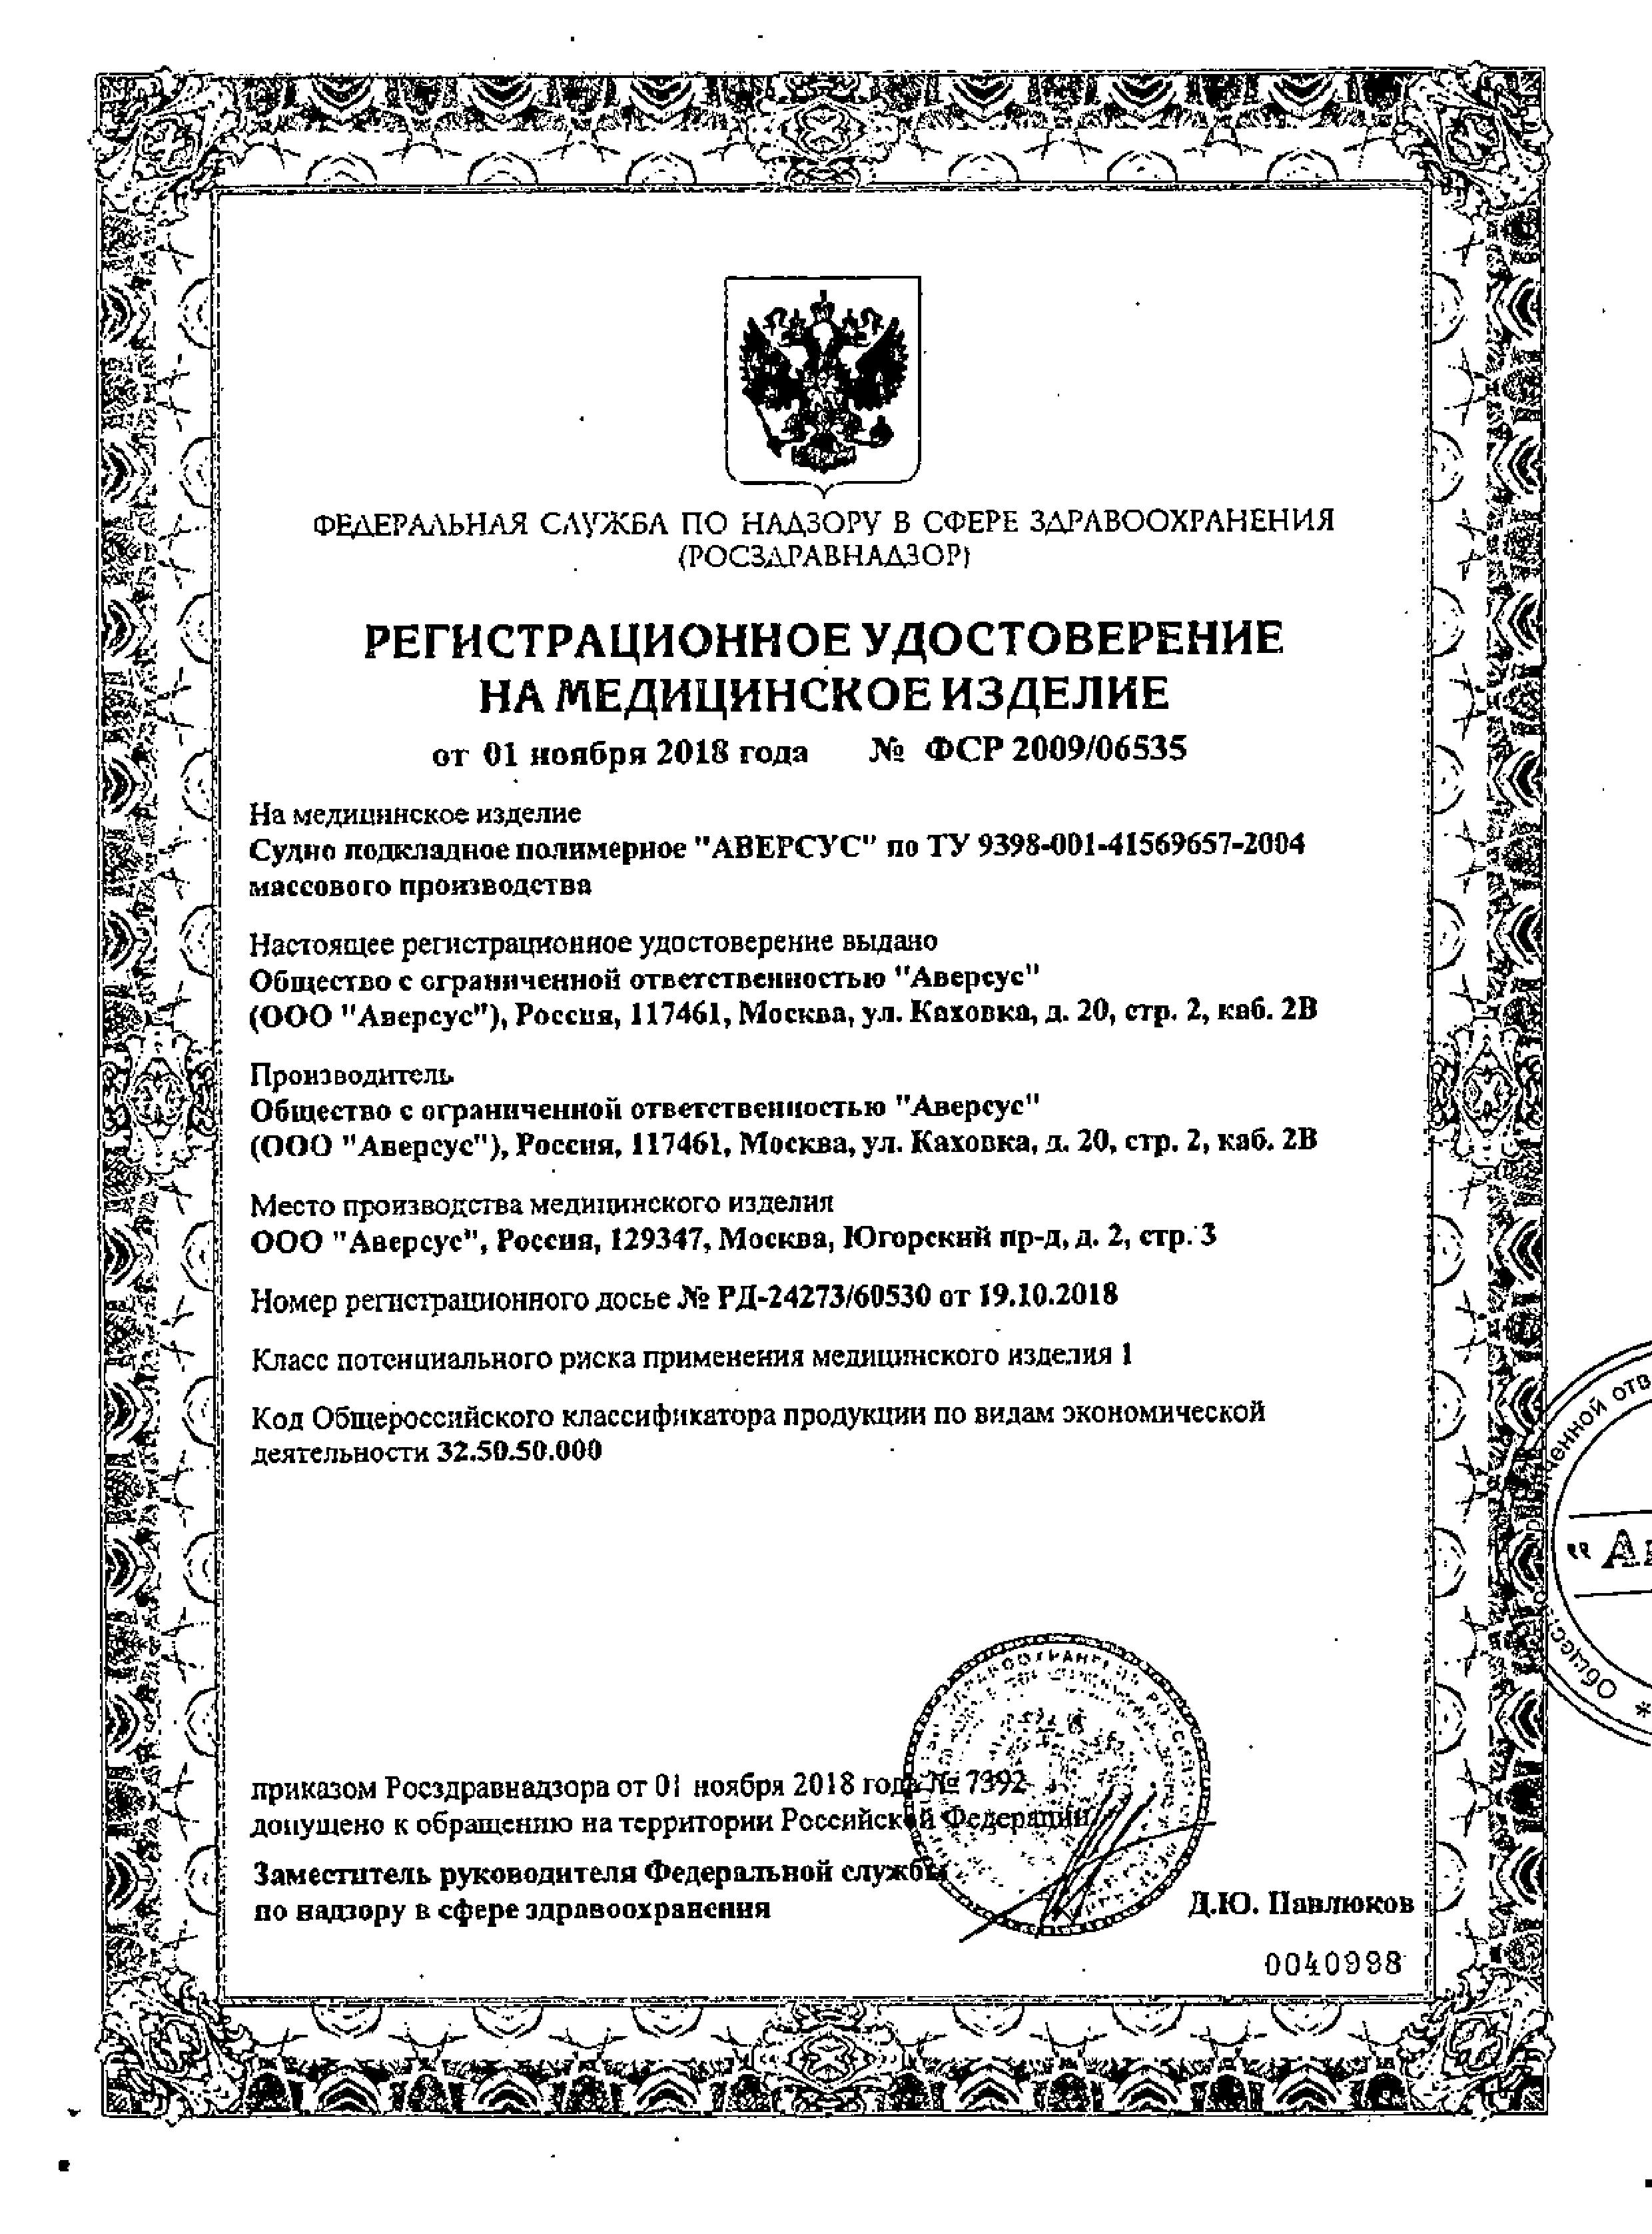 Судно подкладное полимерное «Аверсус» сертификат